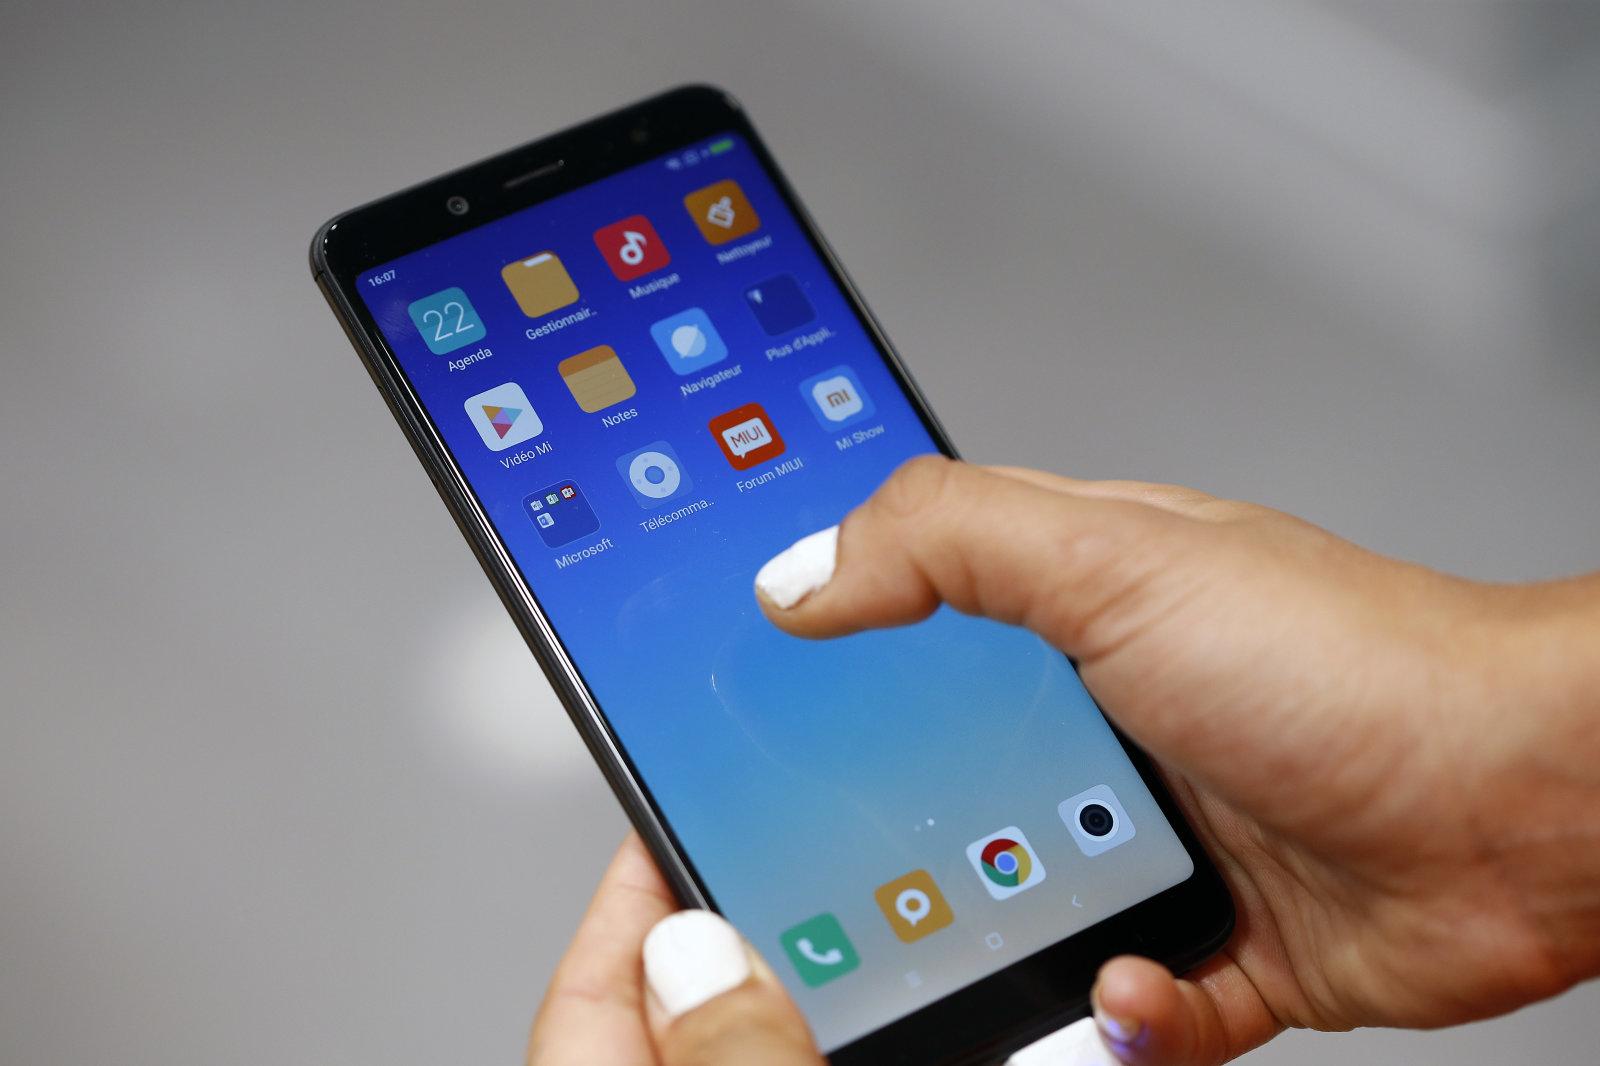 全球智能手机销售量似乎有复苏迹象